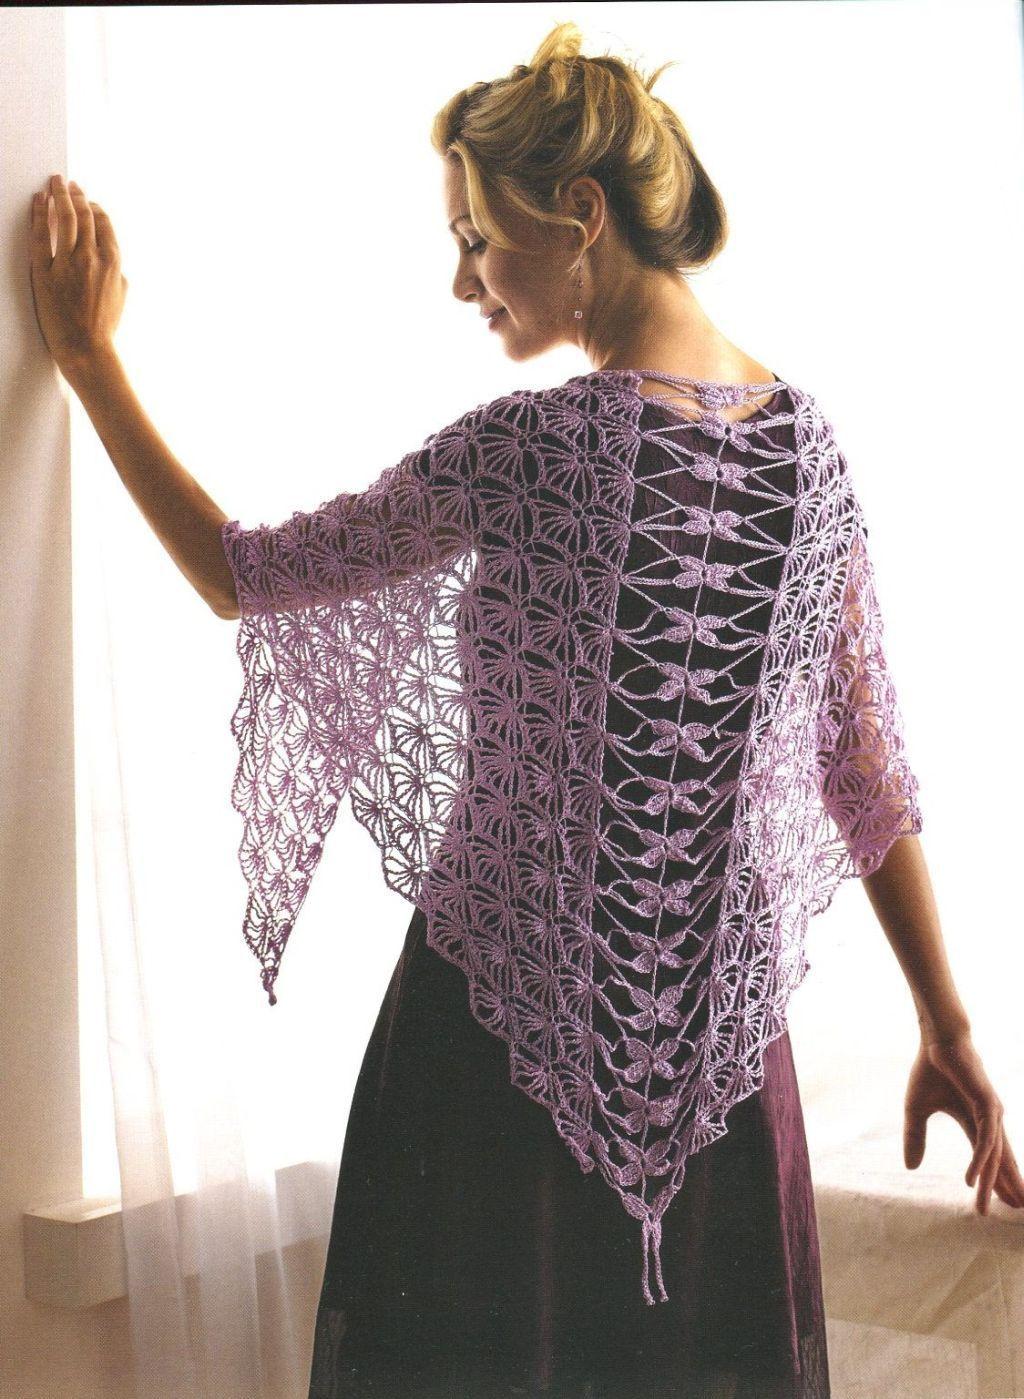 Xale de crochê | Pinterest | Tücher, Für mama und Dreieckstuch